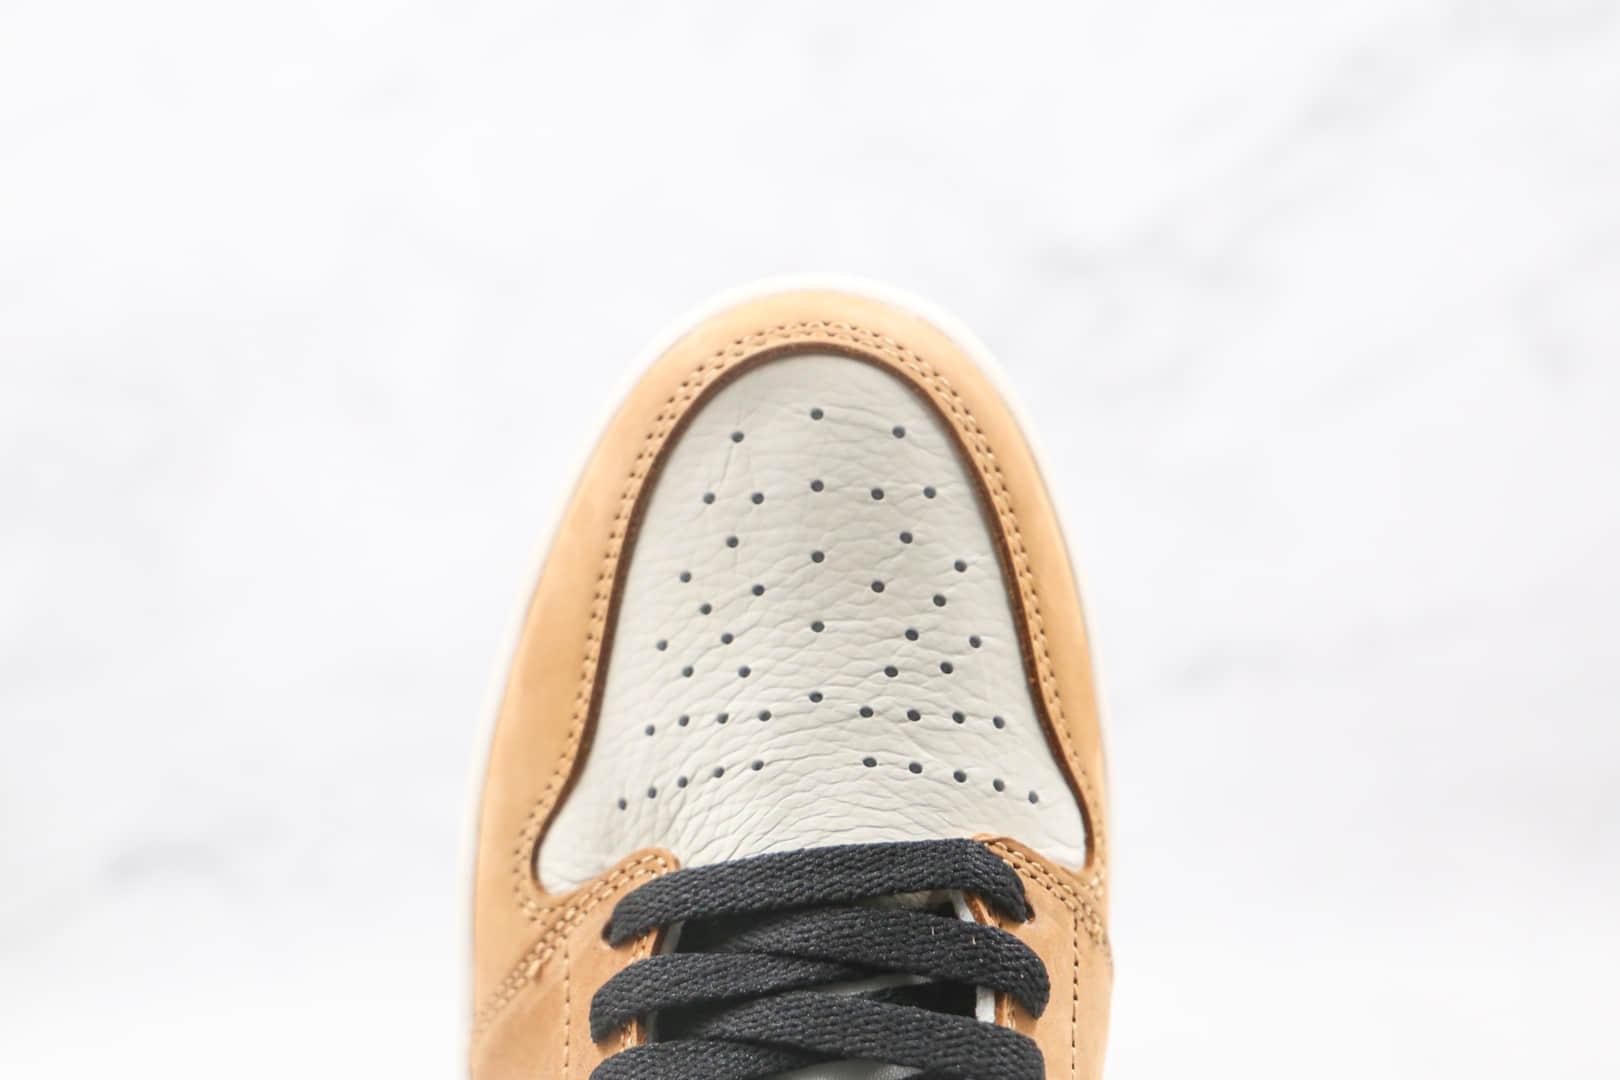 耐克Nike Wmns Jordan 1 High OG纯原版本高帮AJ1新秀小麦色篮球鞋原楦头纸板打造 货号:555088-700